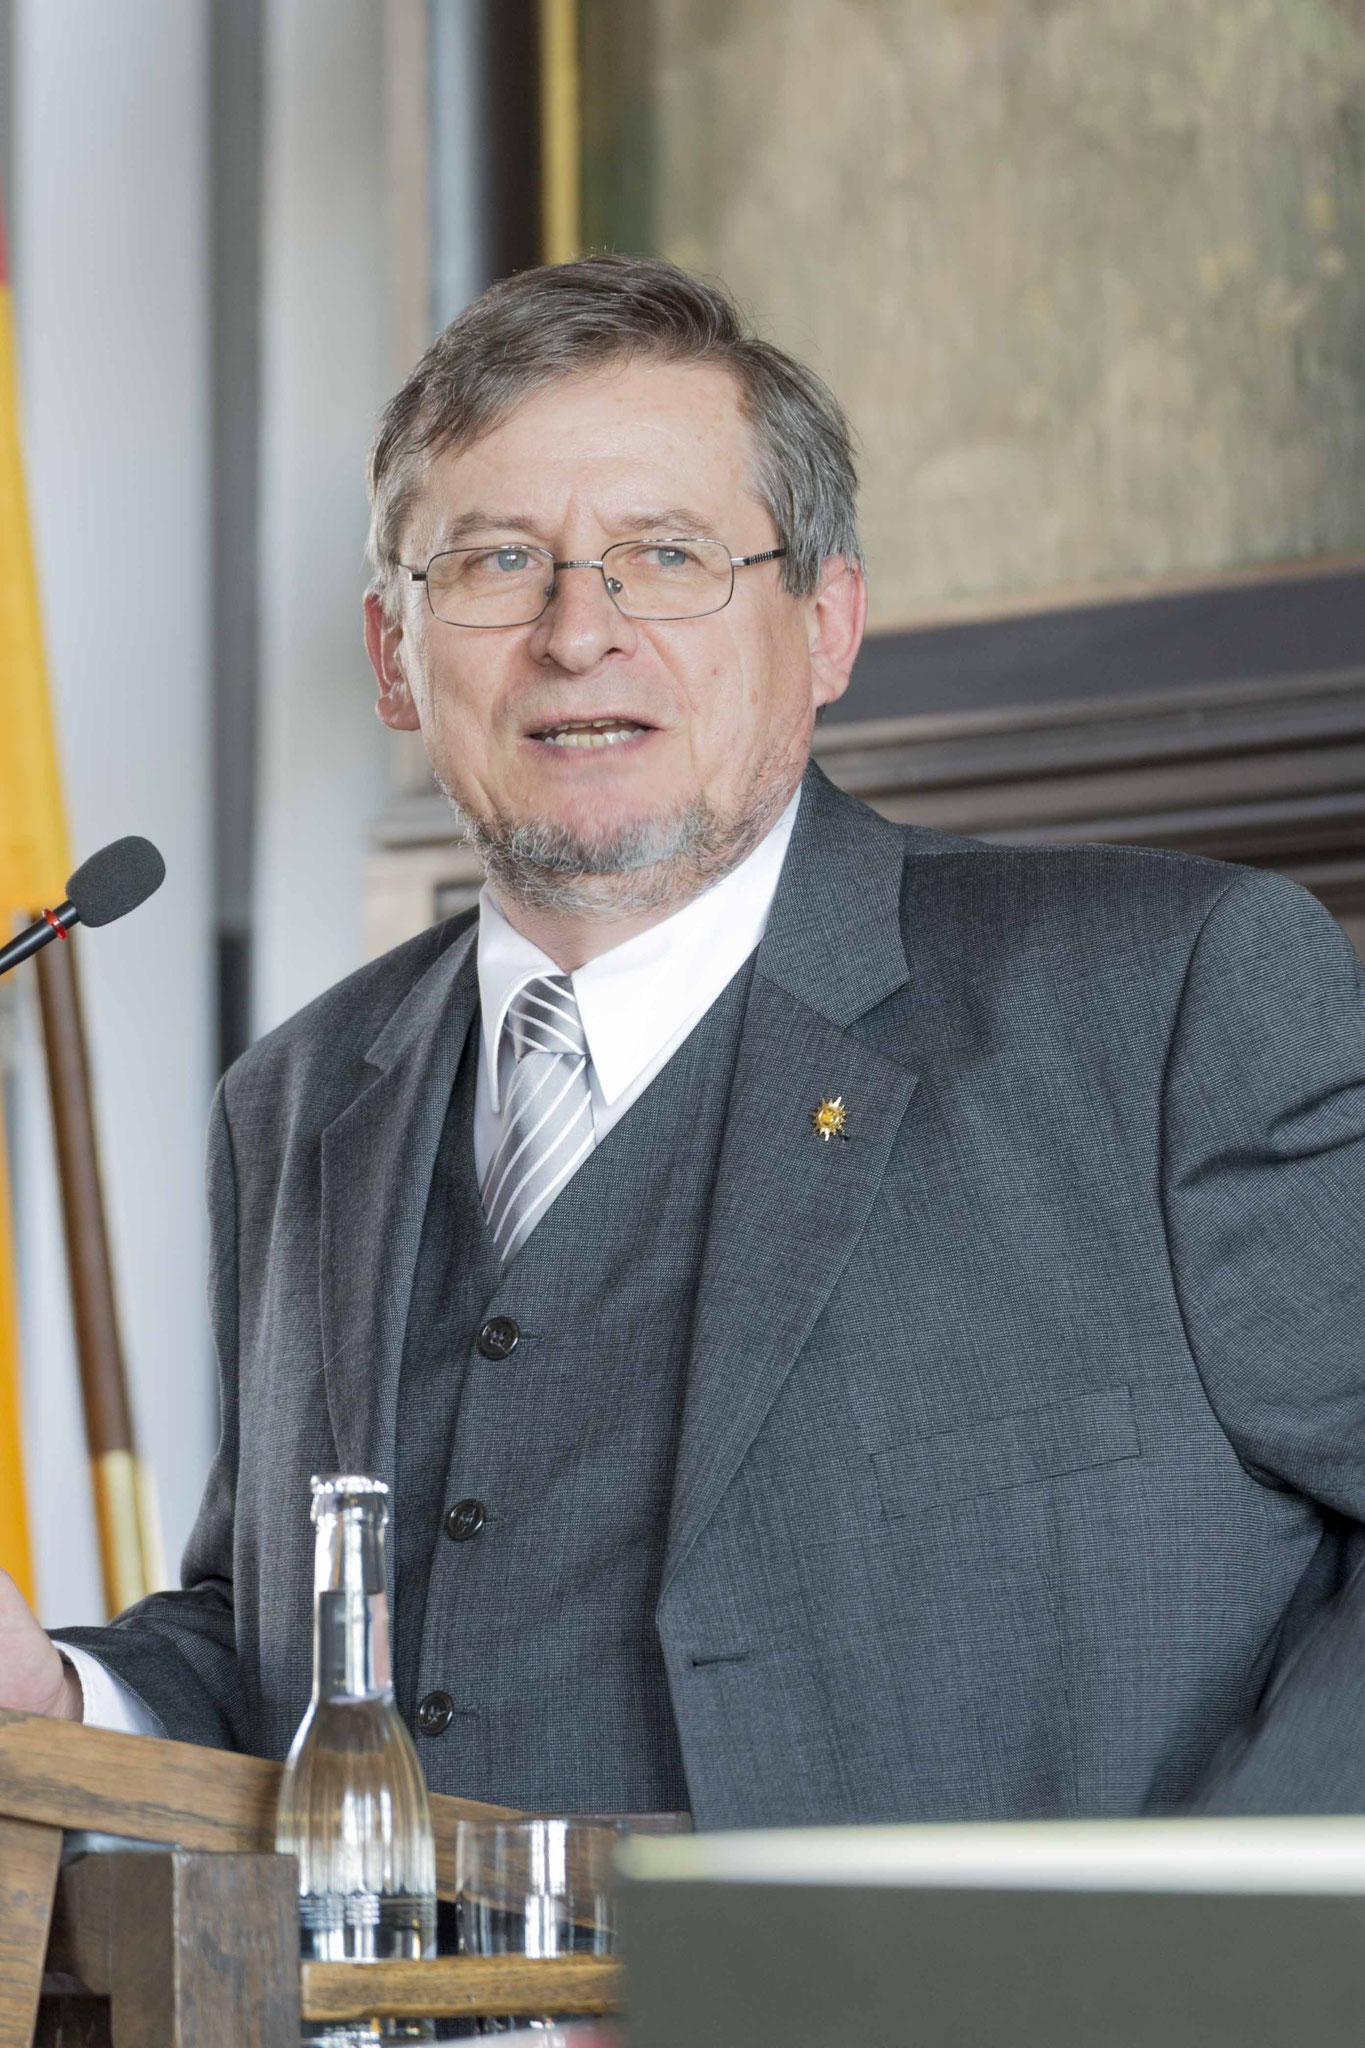 Ordinariatsrat Hans Jürgen Dörr, Landesbeauftragter für die katholische Polizeiseelsorge im Lande Hessen